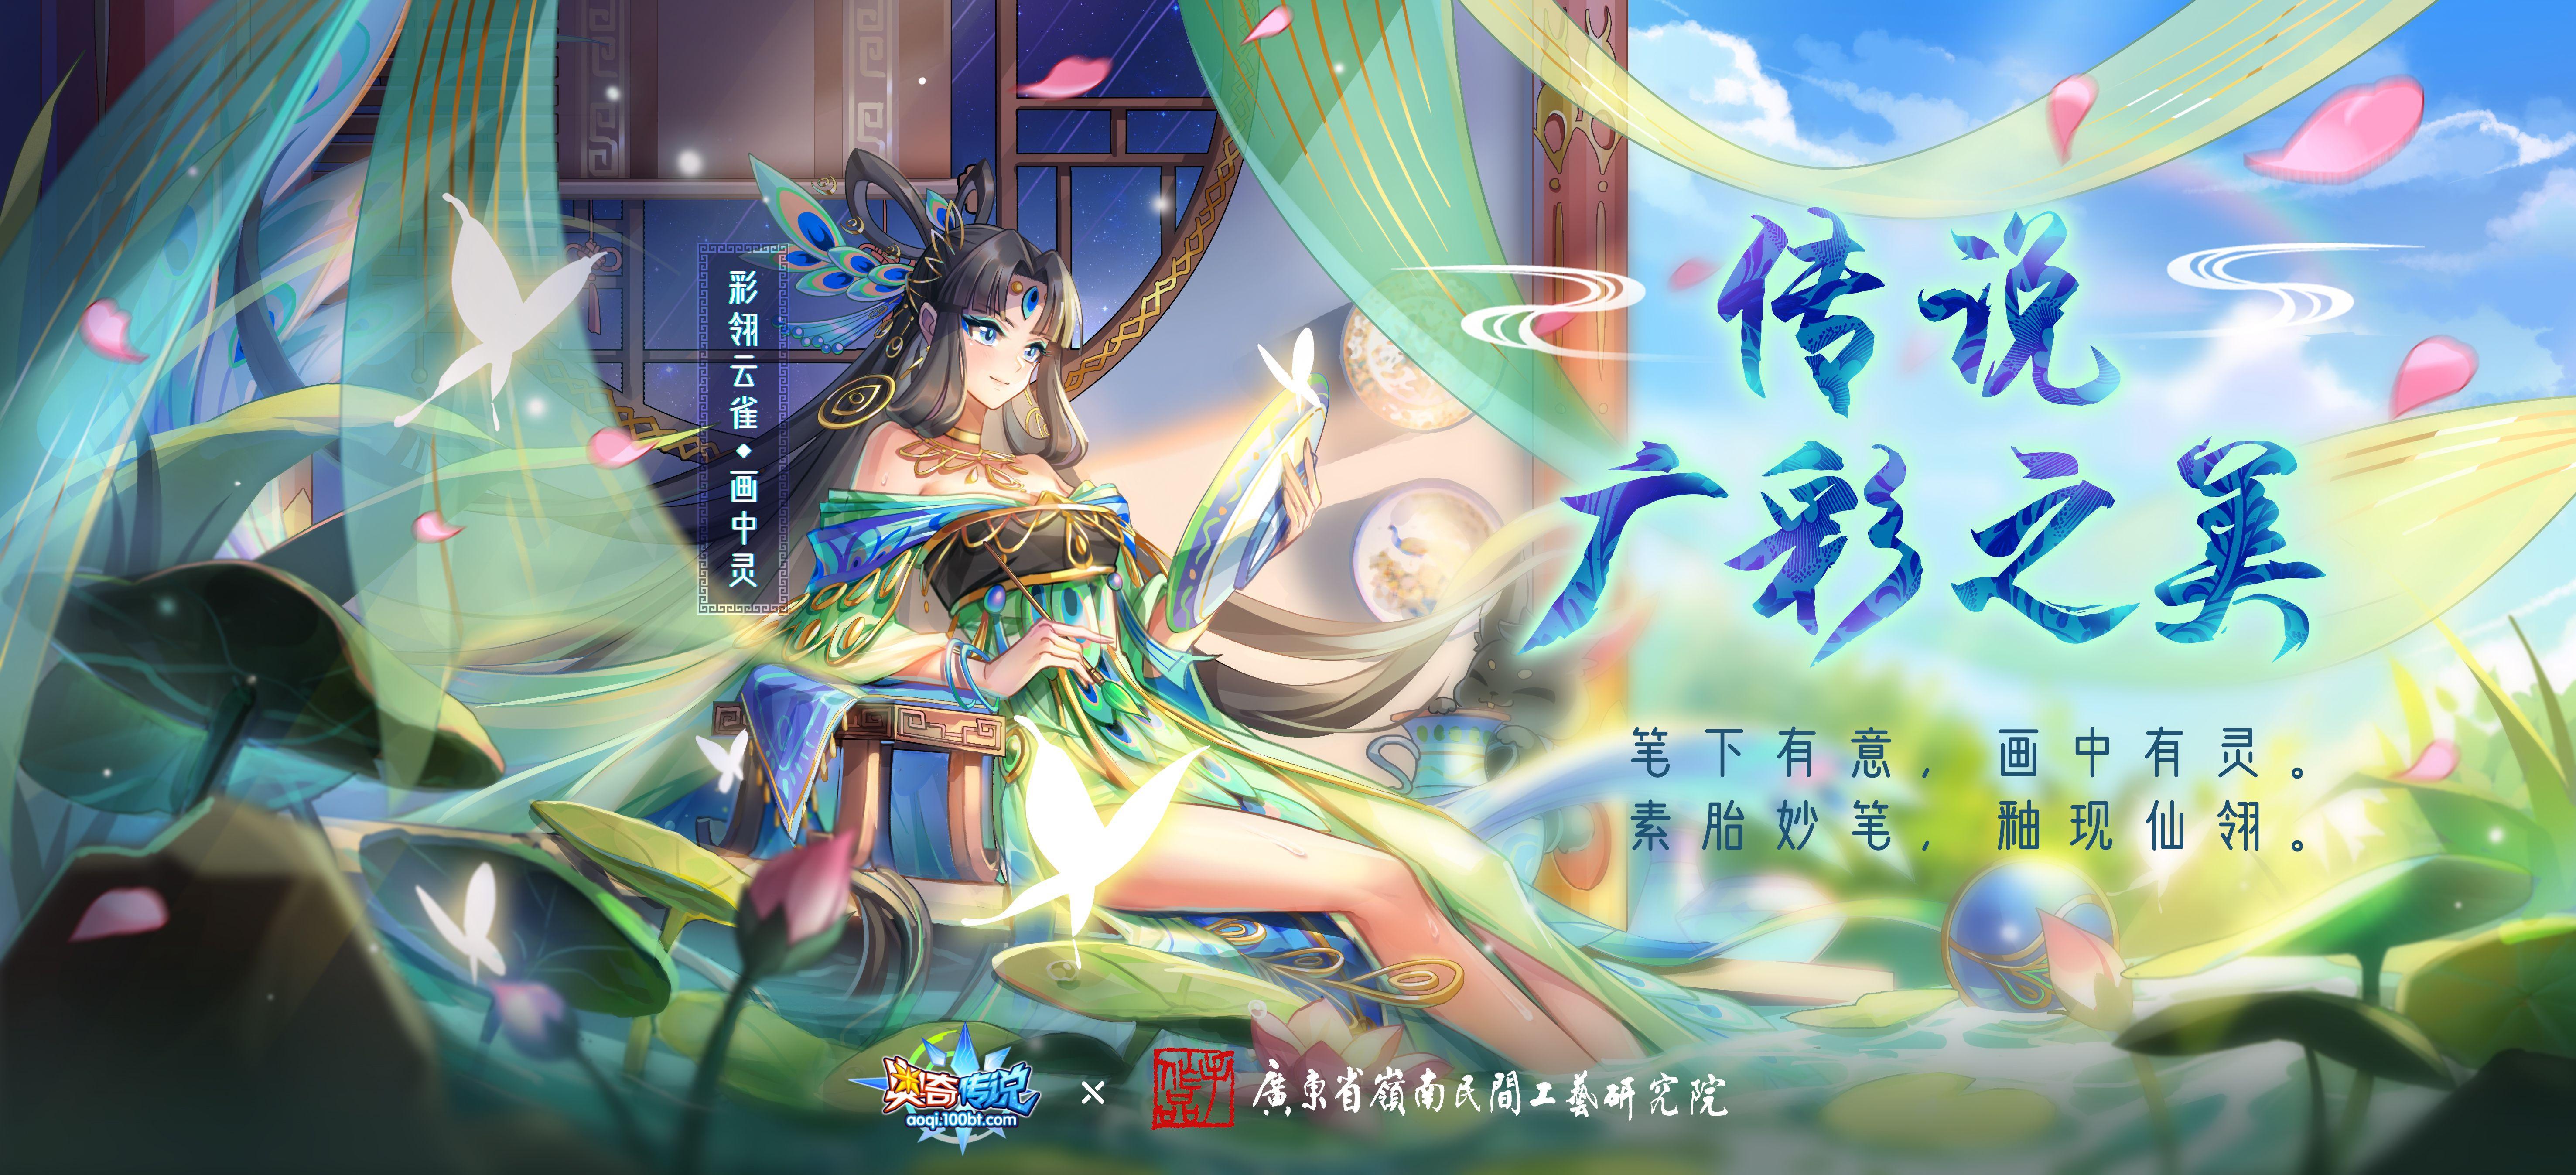 广彩传承人×奥奇传说 跨界匠心之作